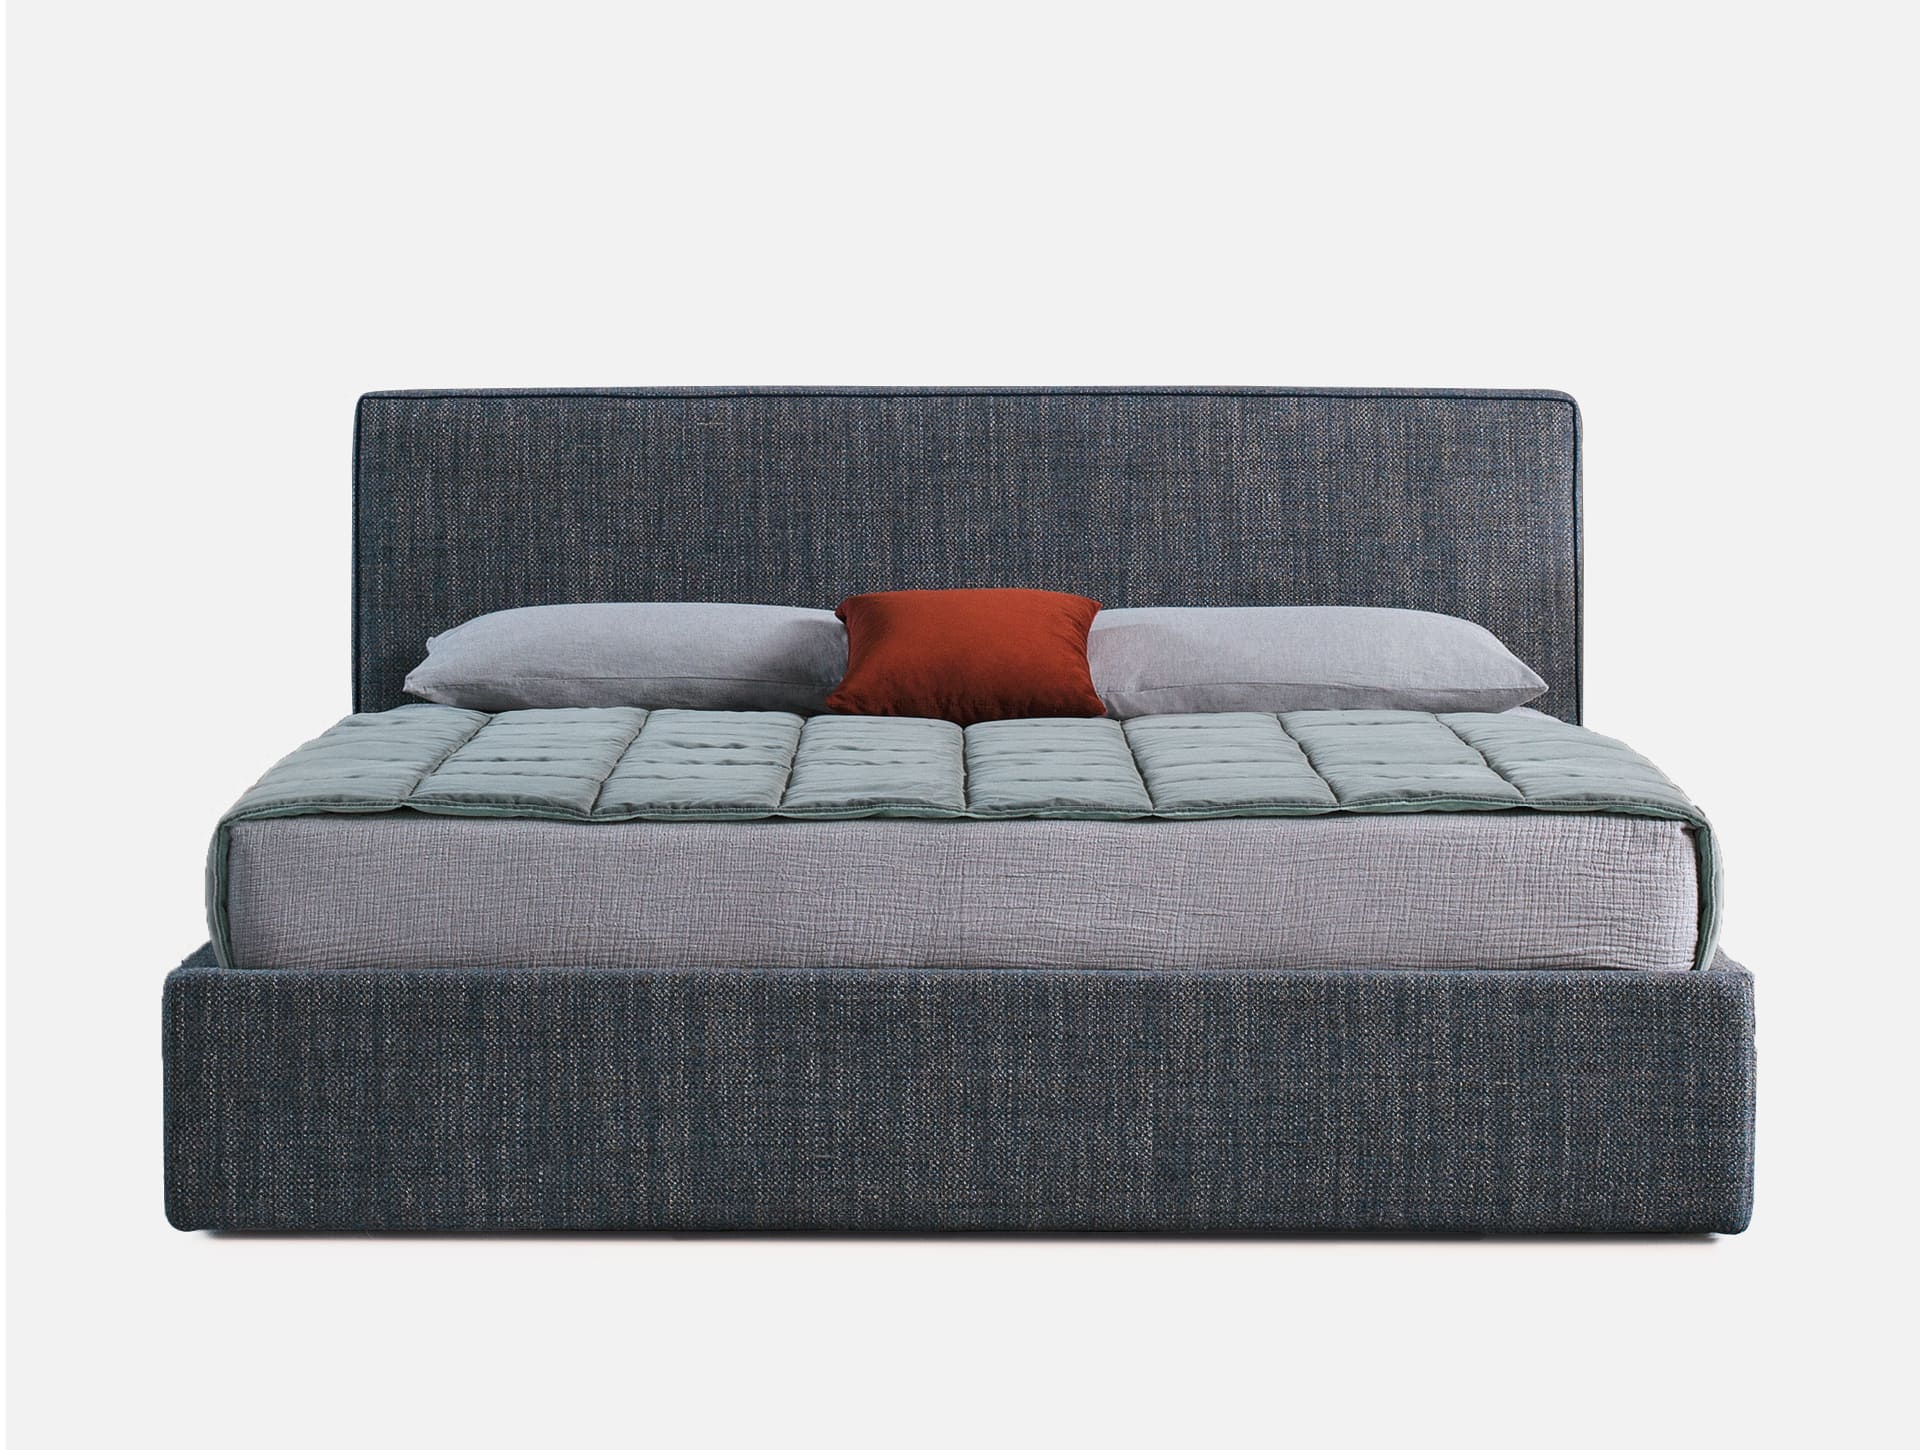 Bodema Кровать New Alicante от итальянского бренда Bodema